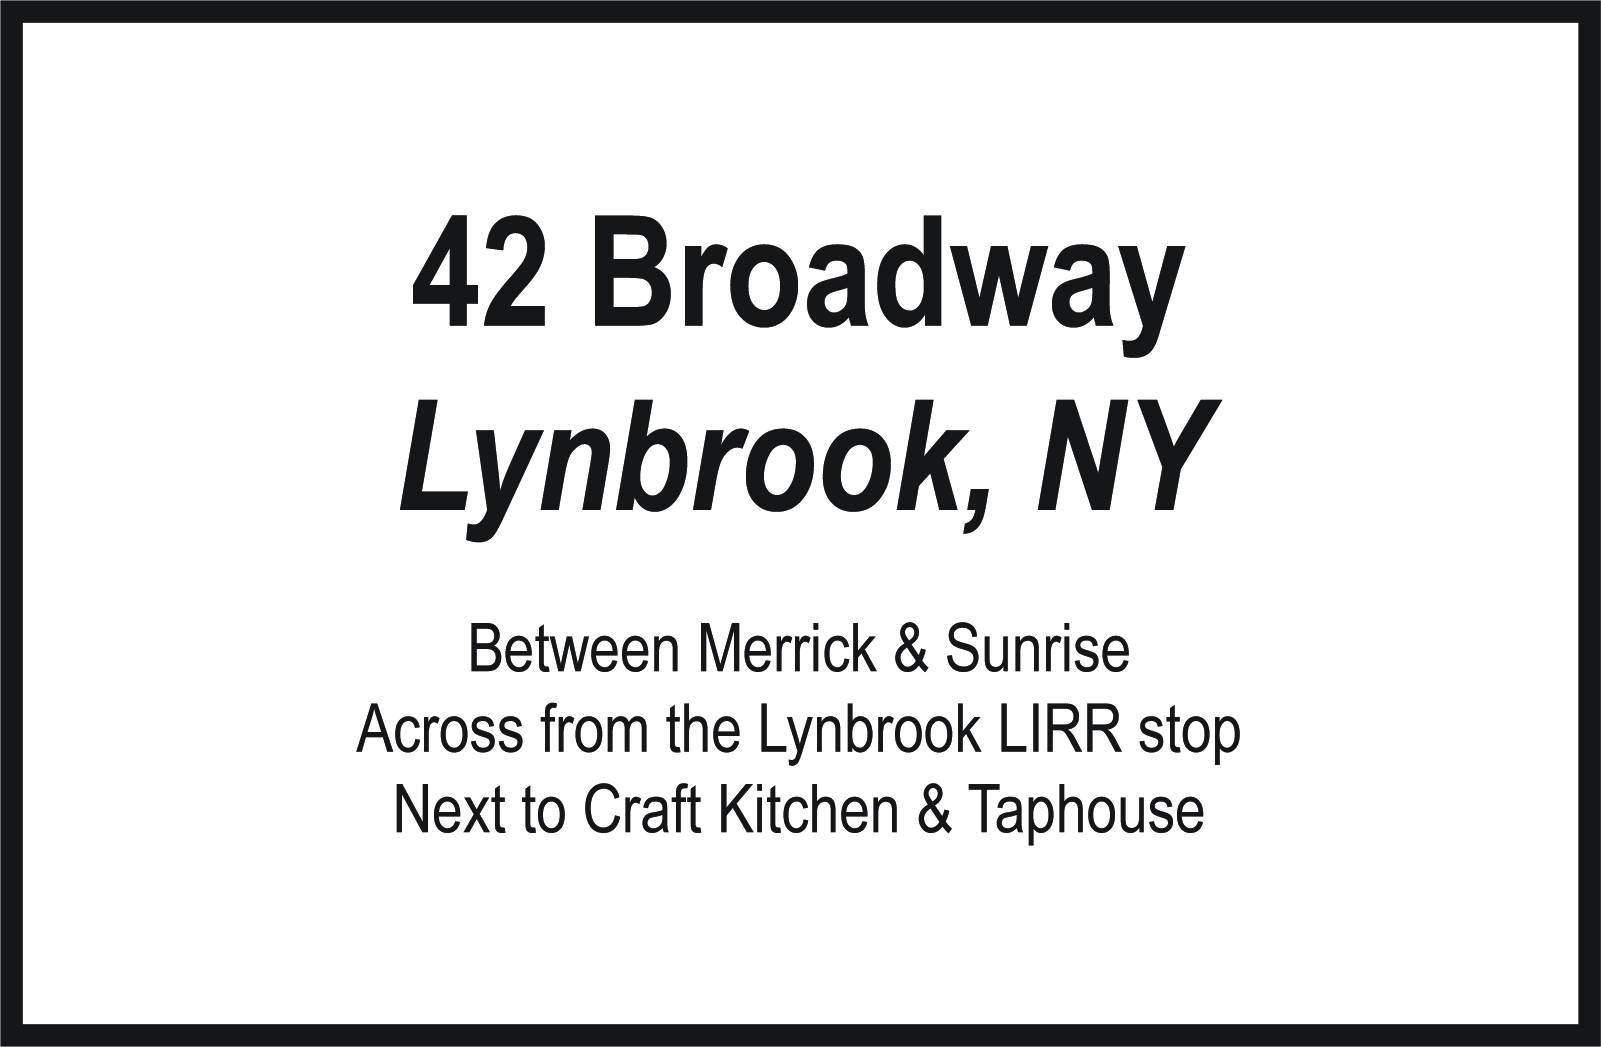 42 Broadway, Lynbrook NY